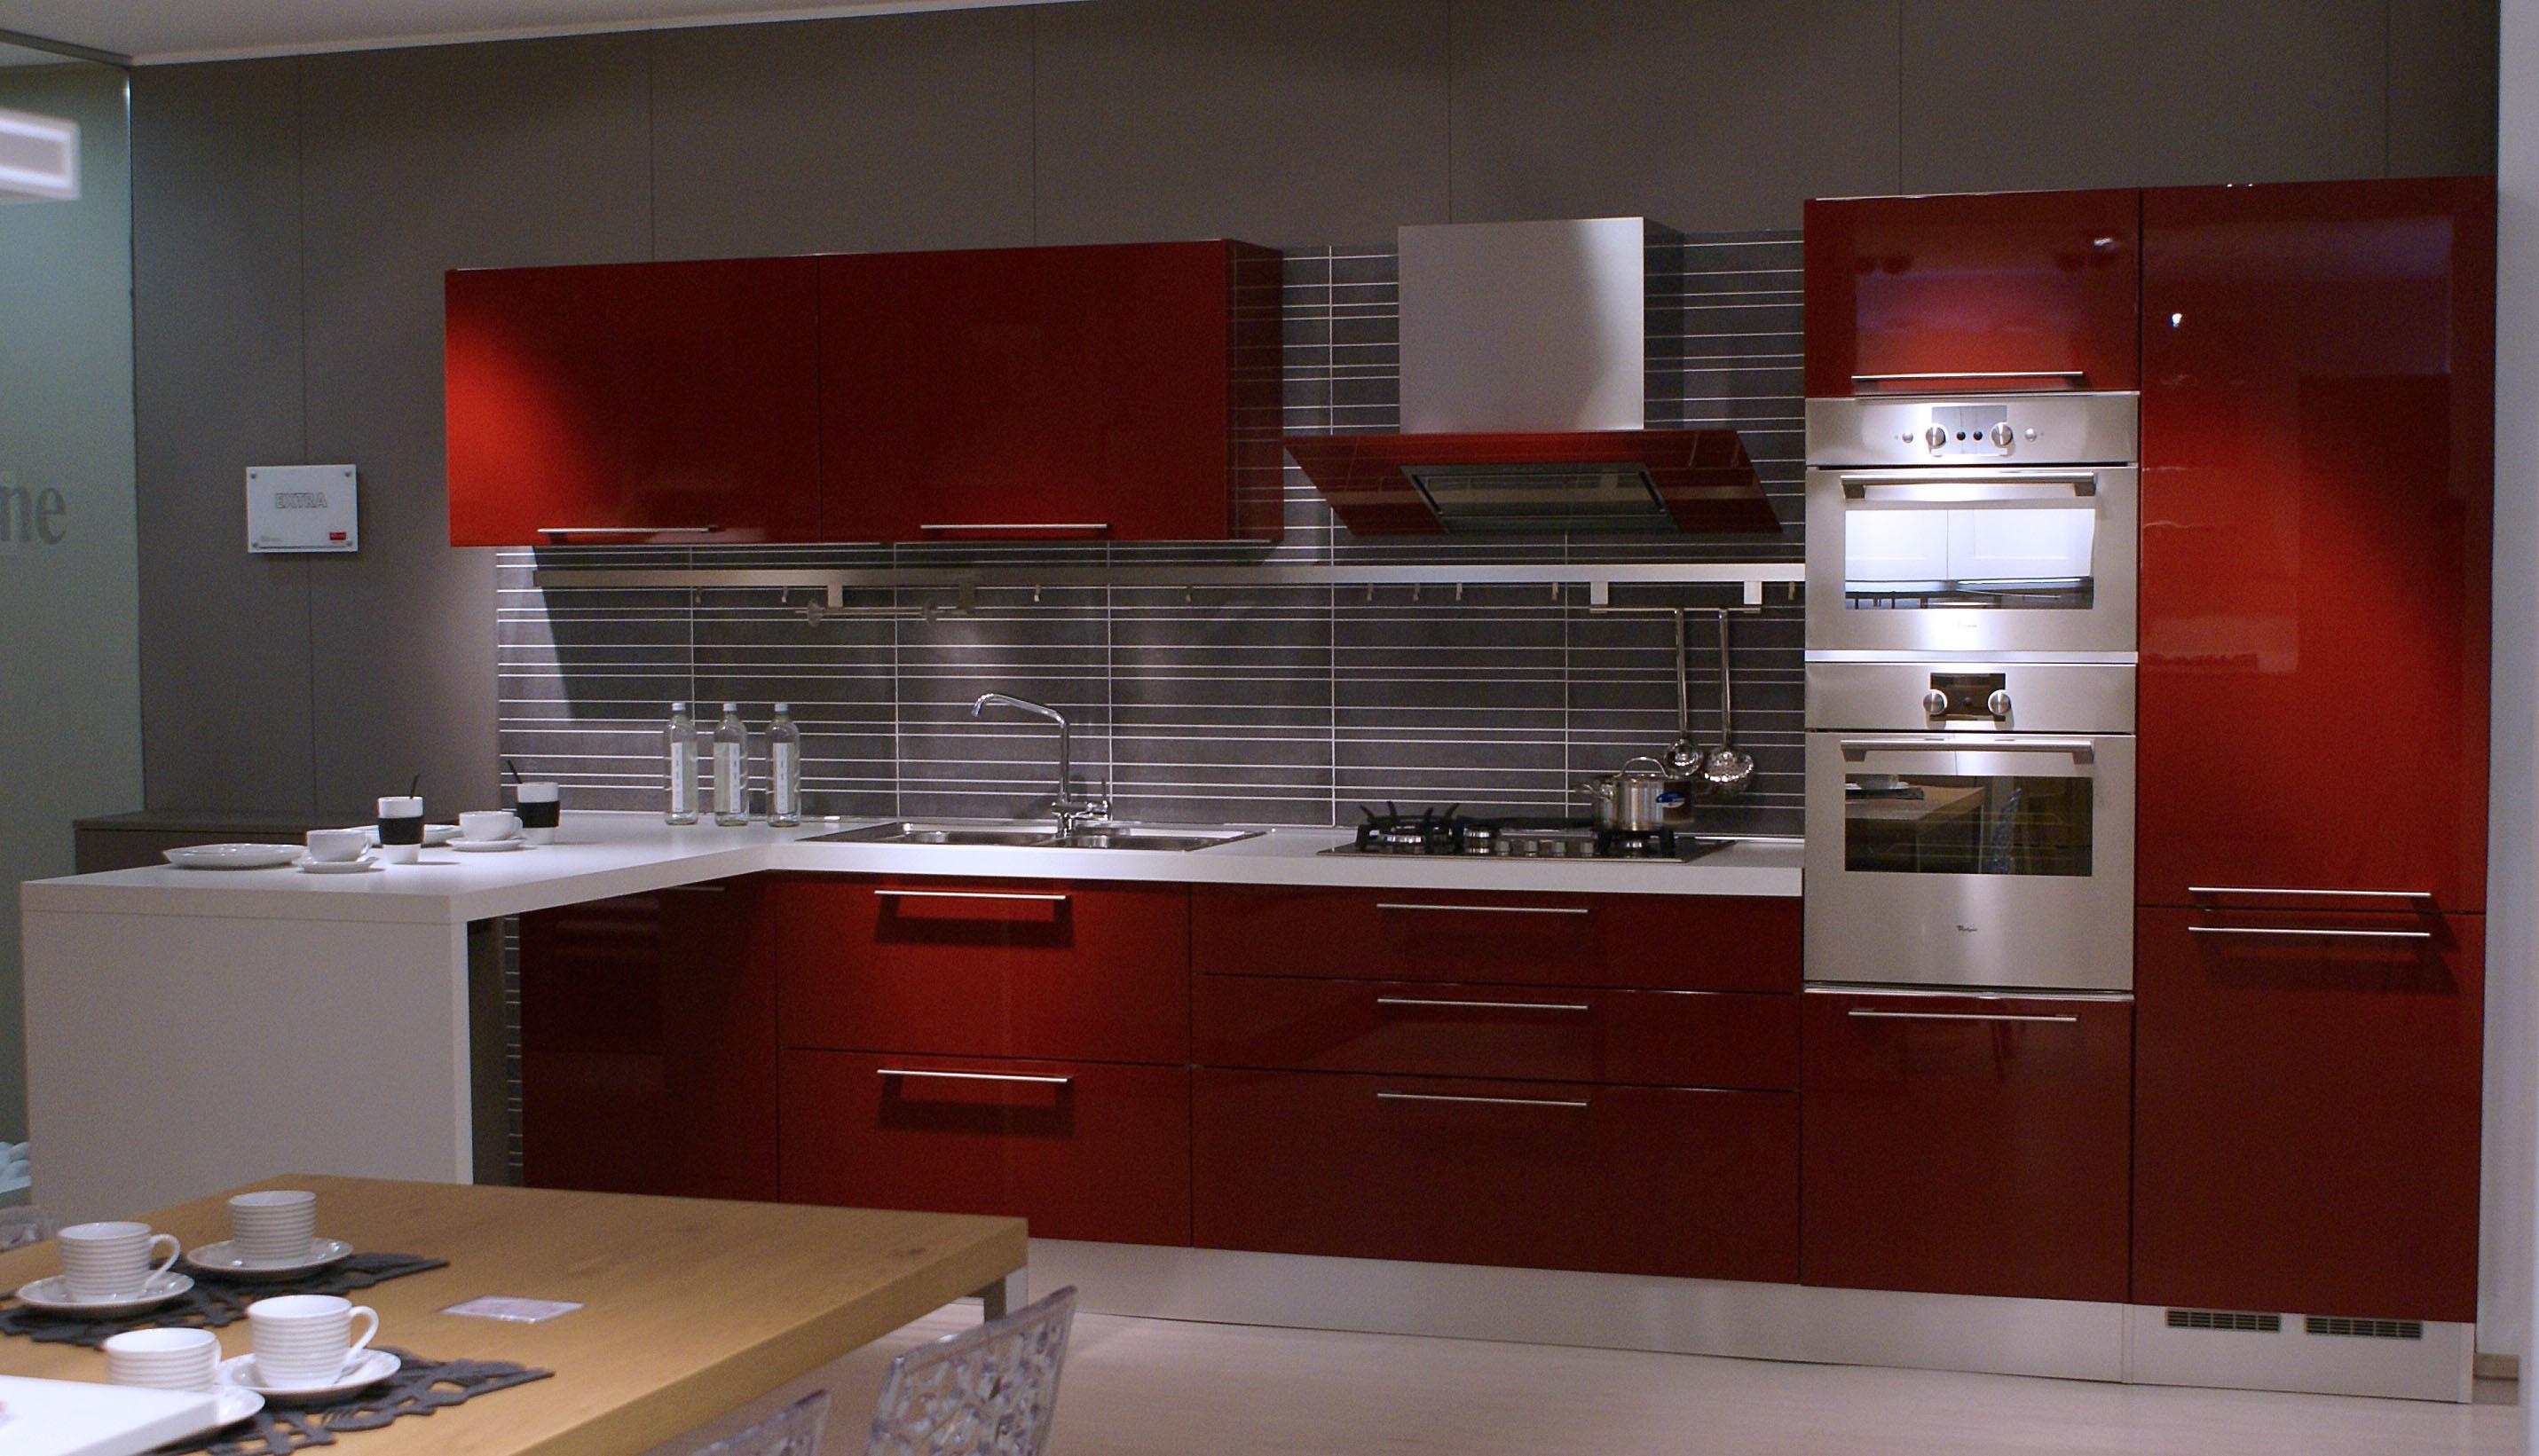 Cucina veneta cucine extra con maniglia laccato lucido rosso amaranto moderno laccato lucido - Veneta cucine prezzi ...